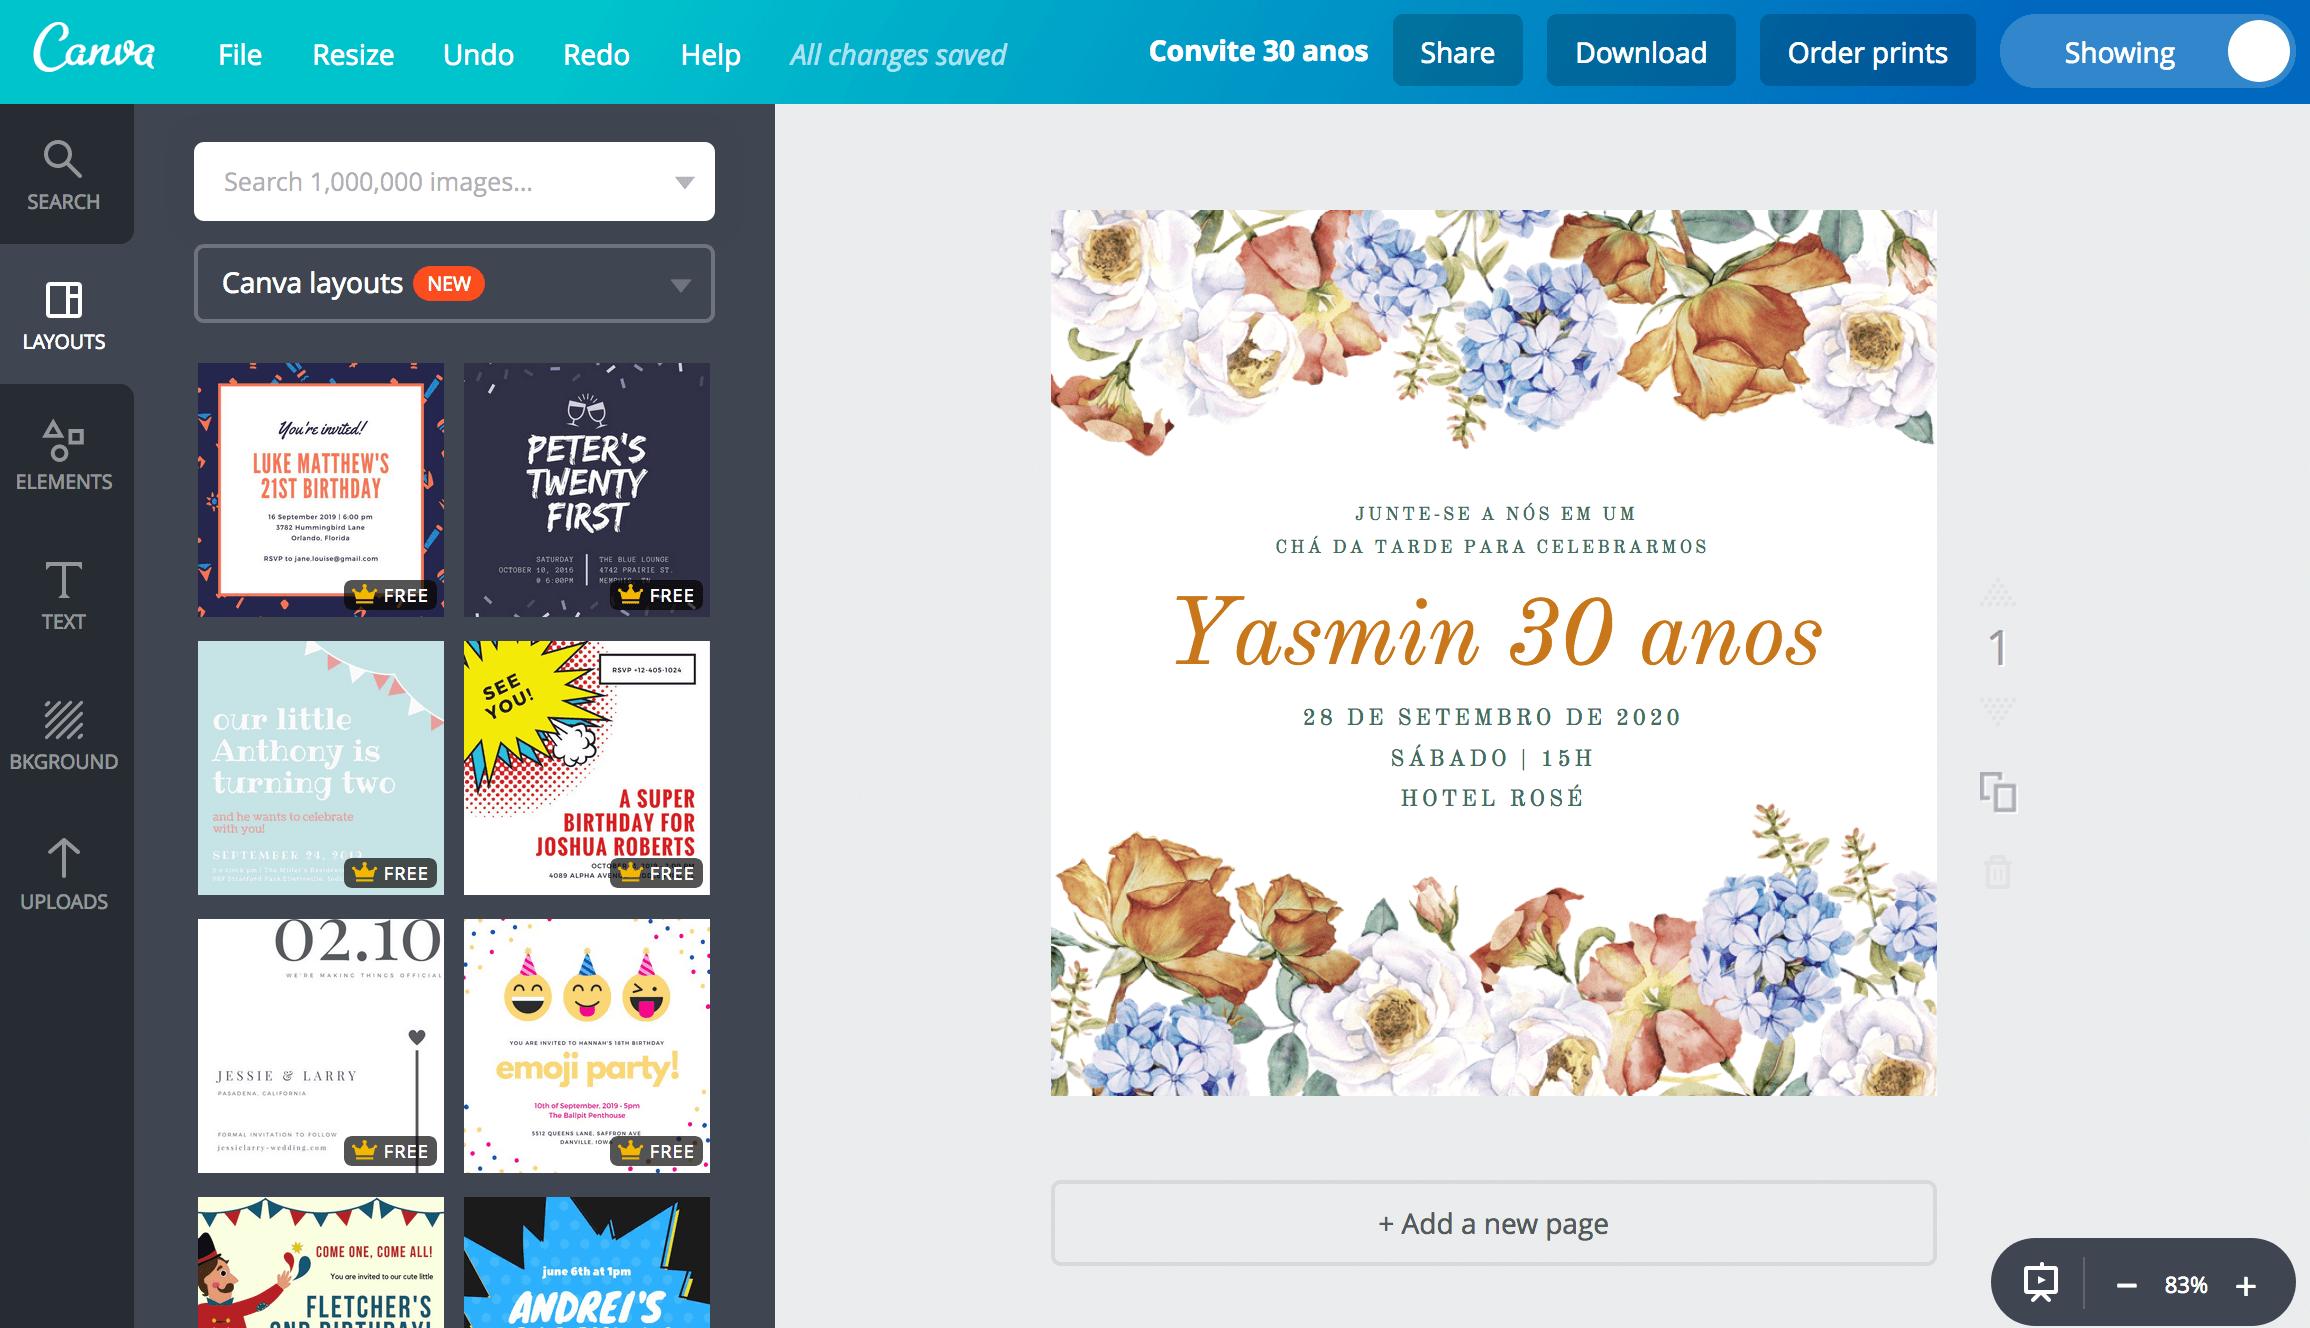 Convite de 30 anos